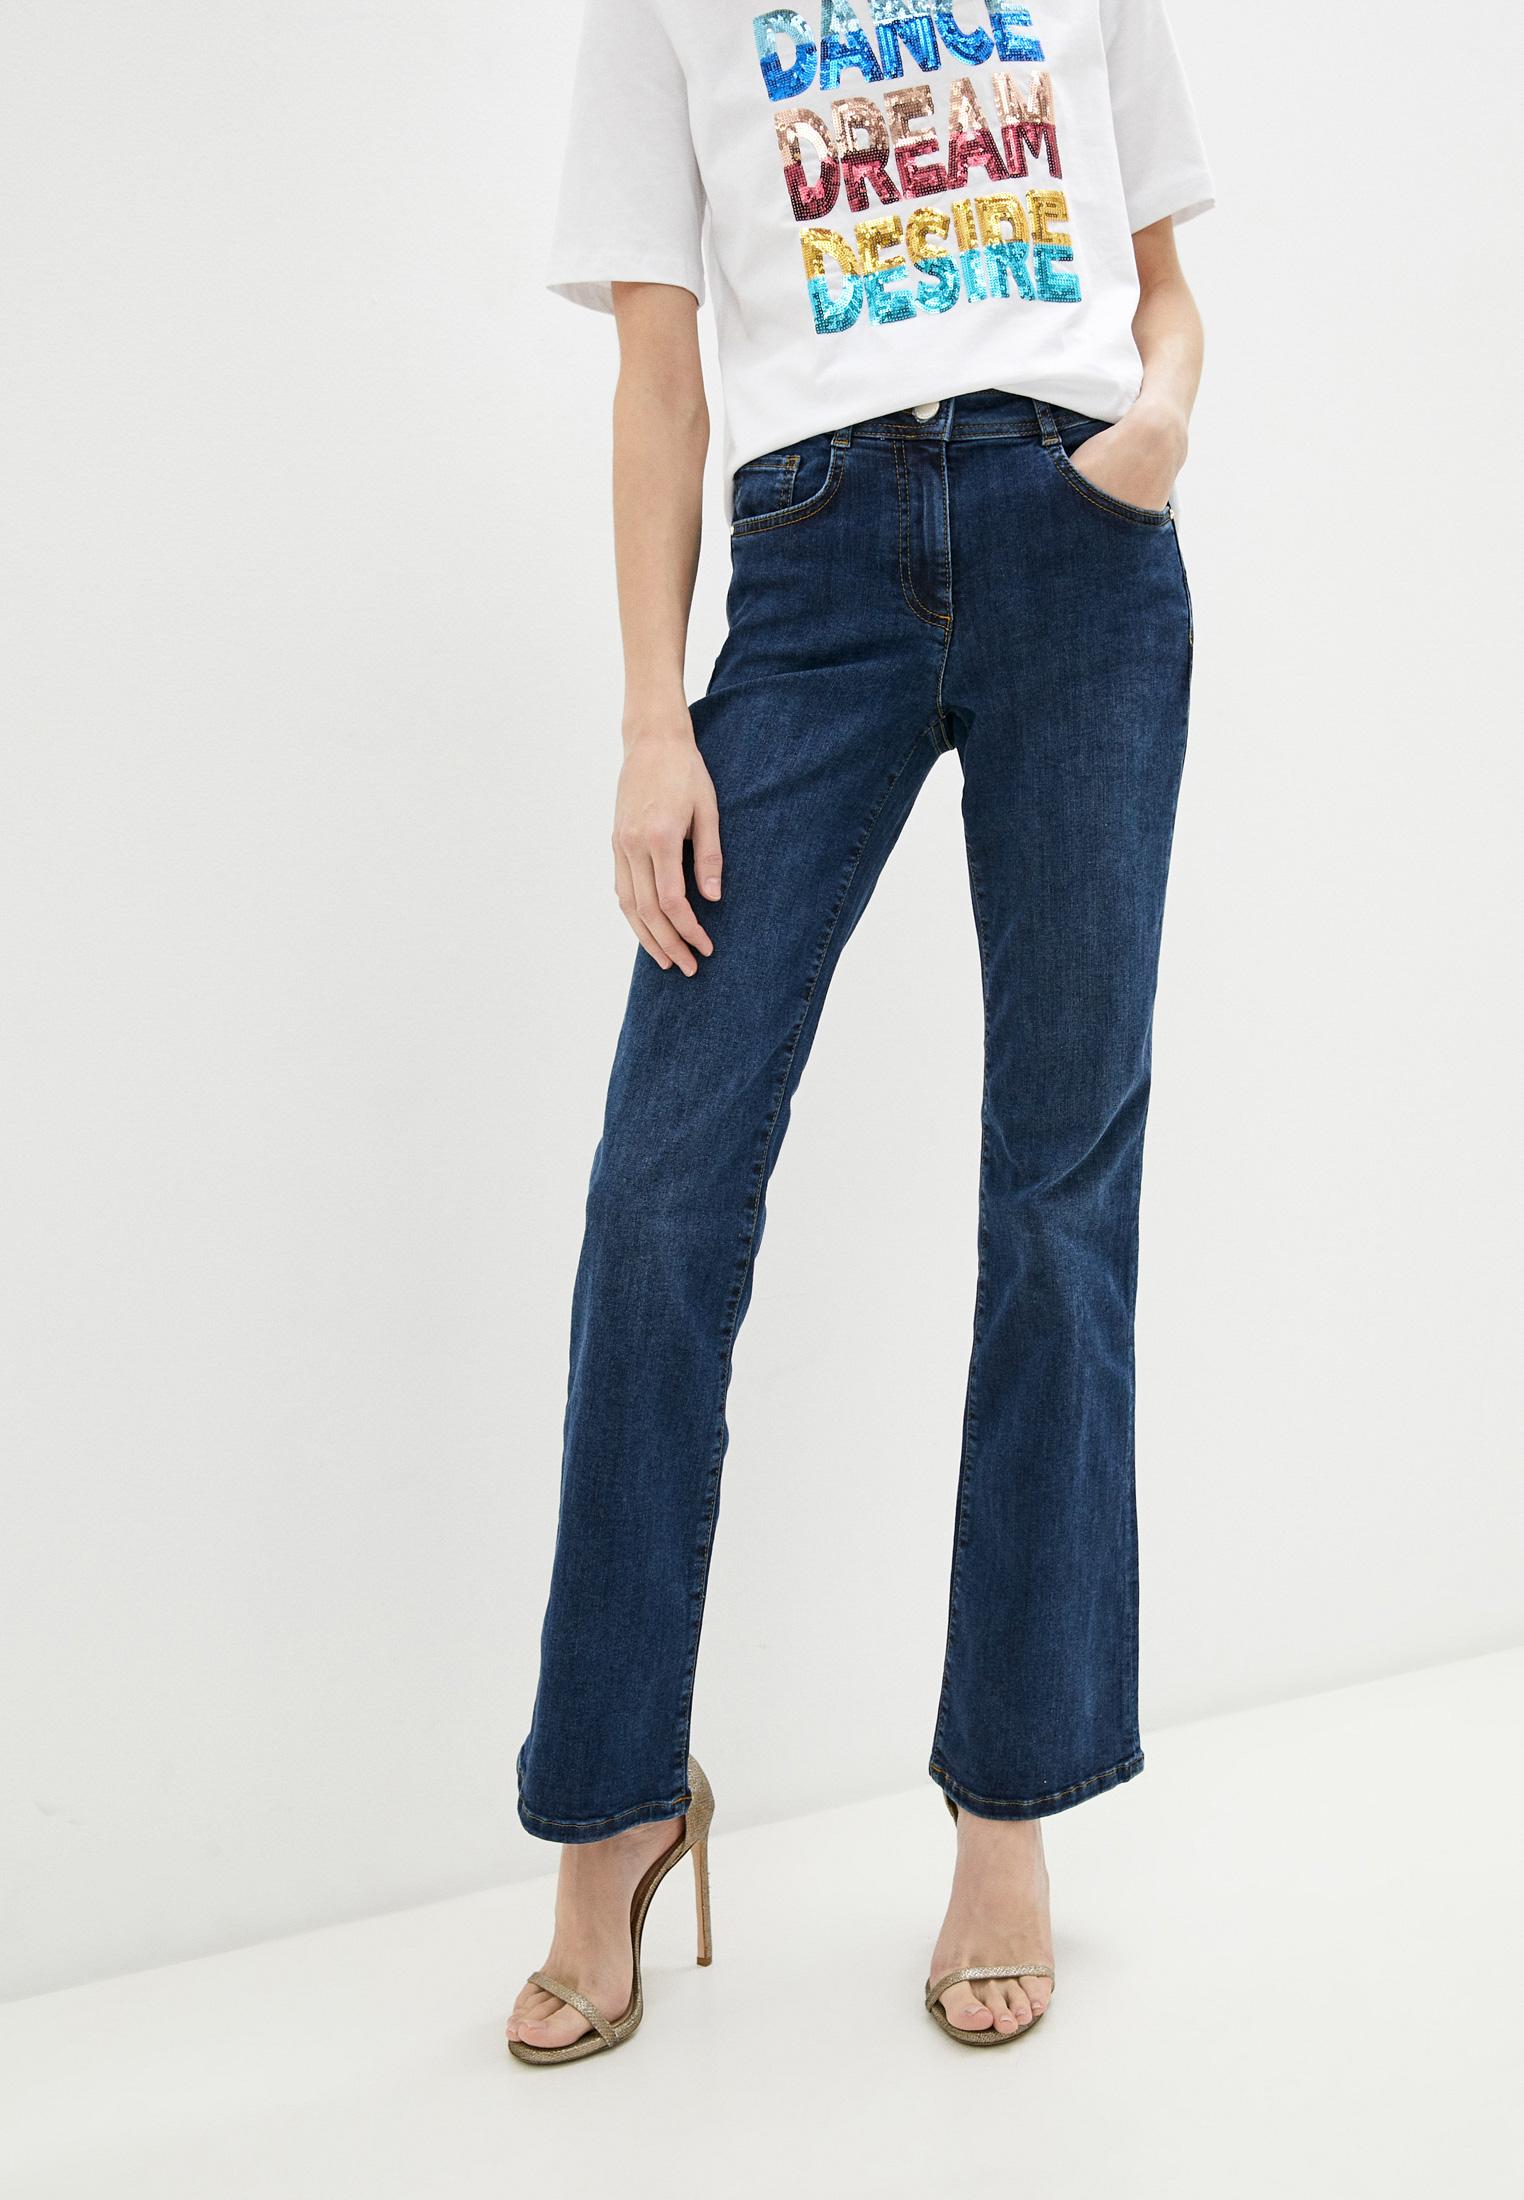 Широкие и расклешенные джинсы Pennyblack (Пенни Блэк) Джинсы Pennyblack